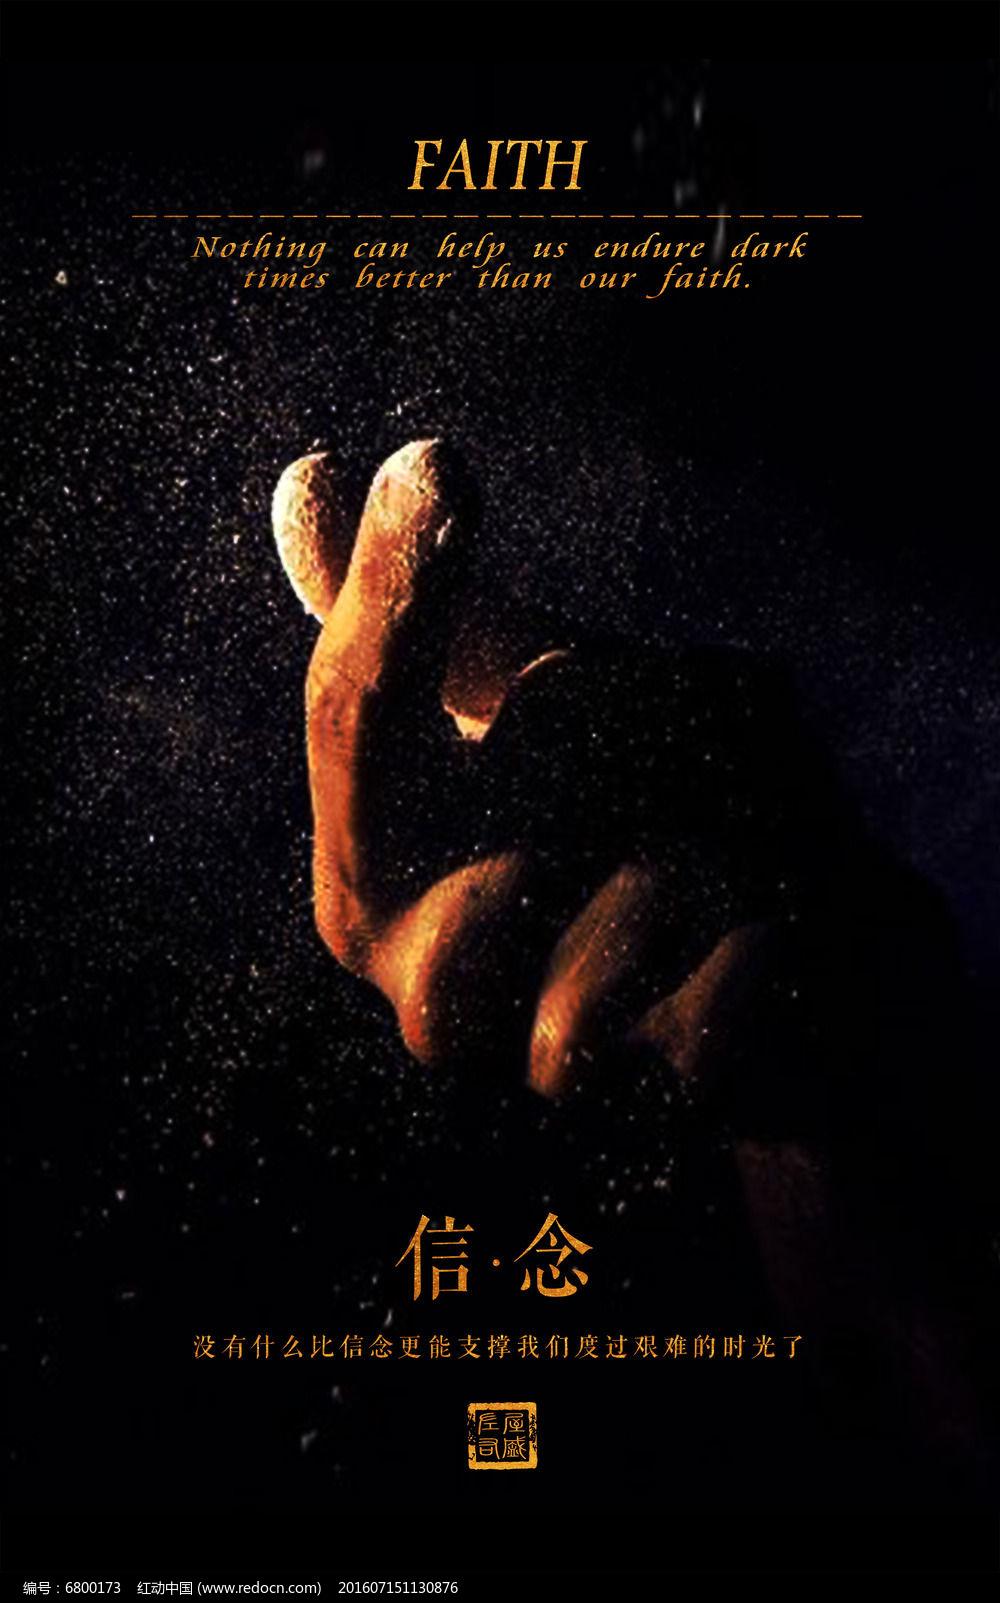 励志海报平面广告ui微信宣传设计图片